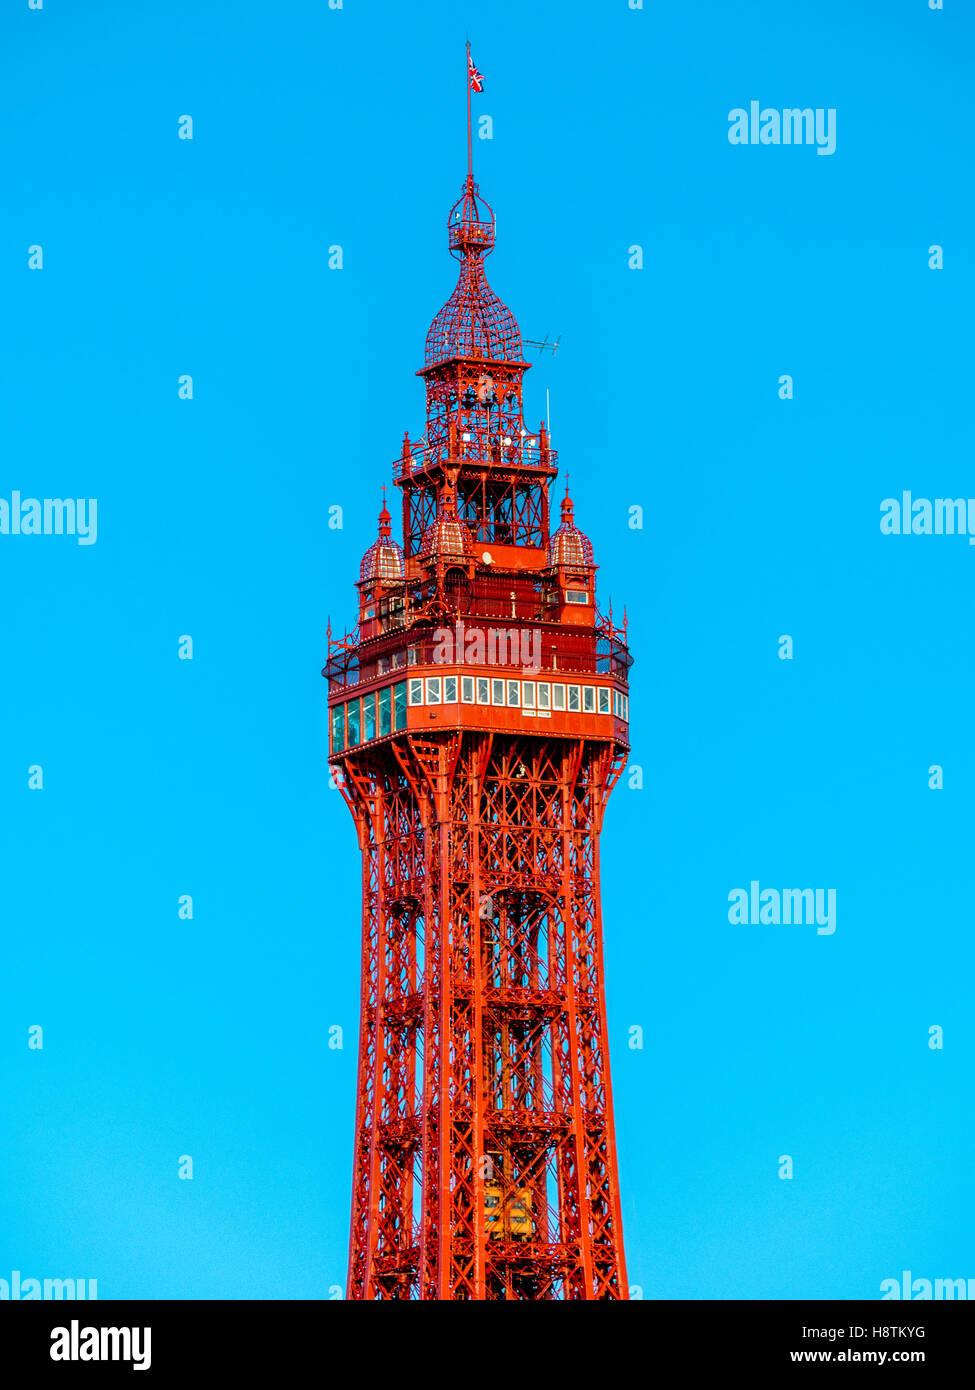 Dalla torre di Blackpool, Lancashire, Regno Unito. Immagini Stock